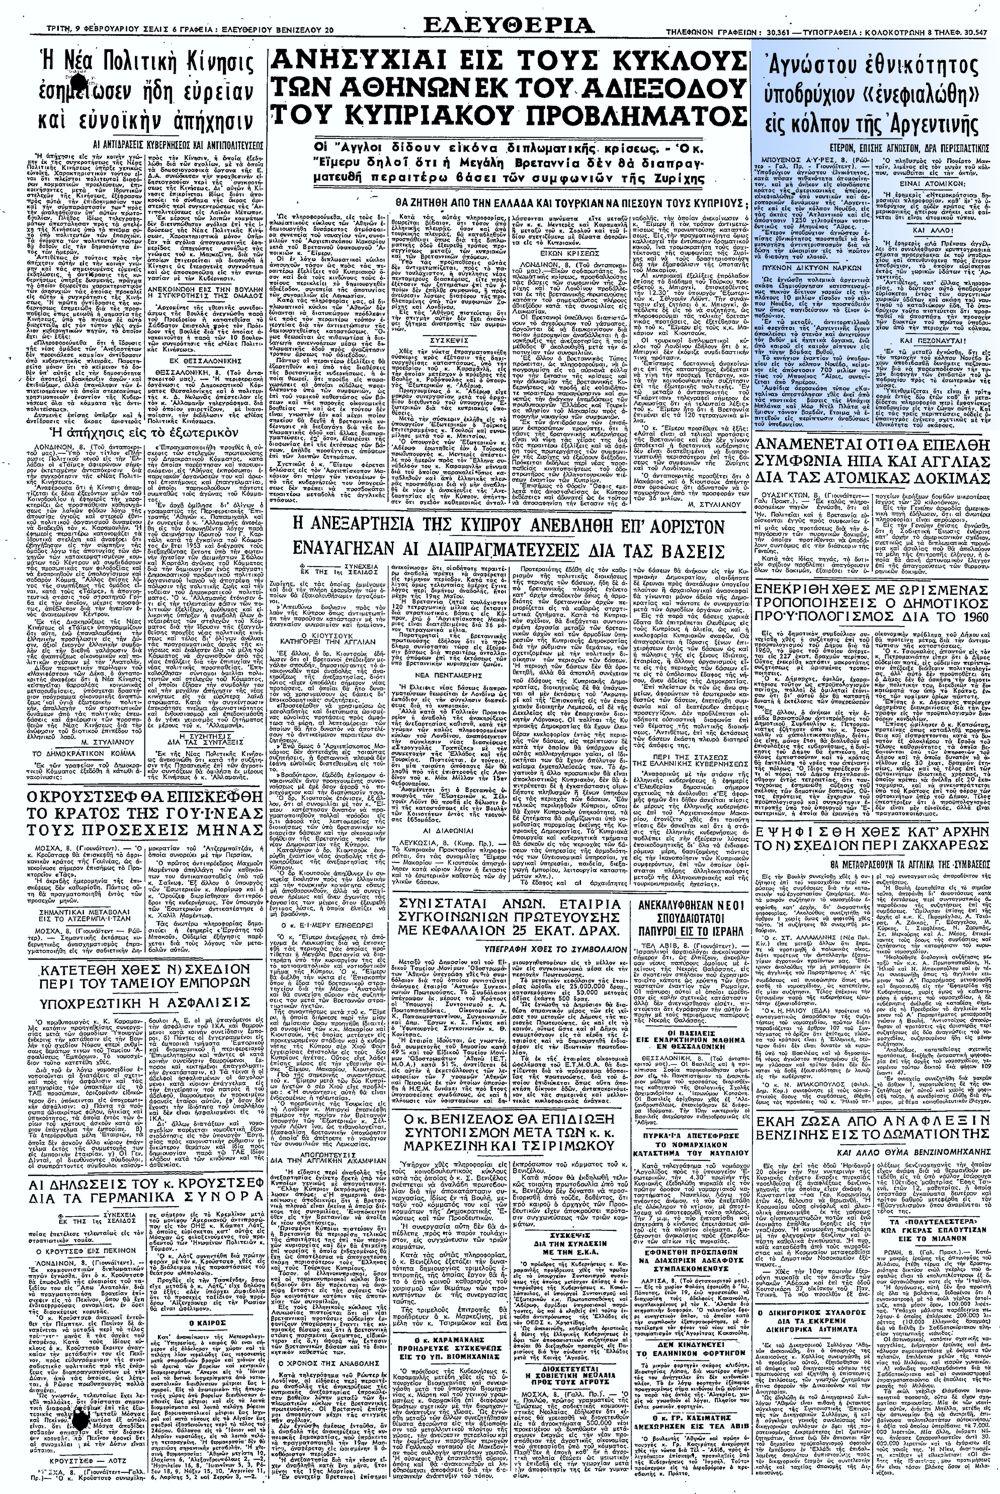 """Το άρθρο, όπως δημοσιεύθηκε στην εφημερίδα """"ΕΛΕΥΘΕΡΙΑ"""", στις 09/02/1960"""